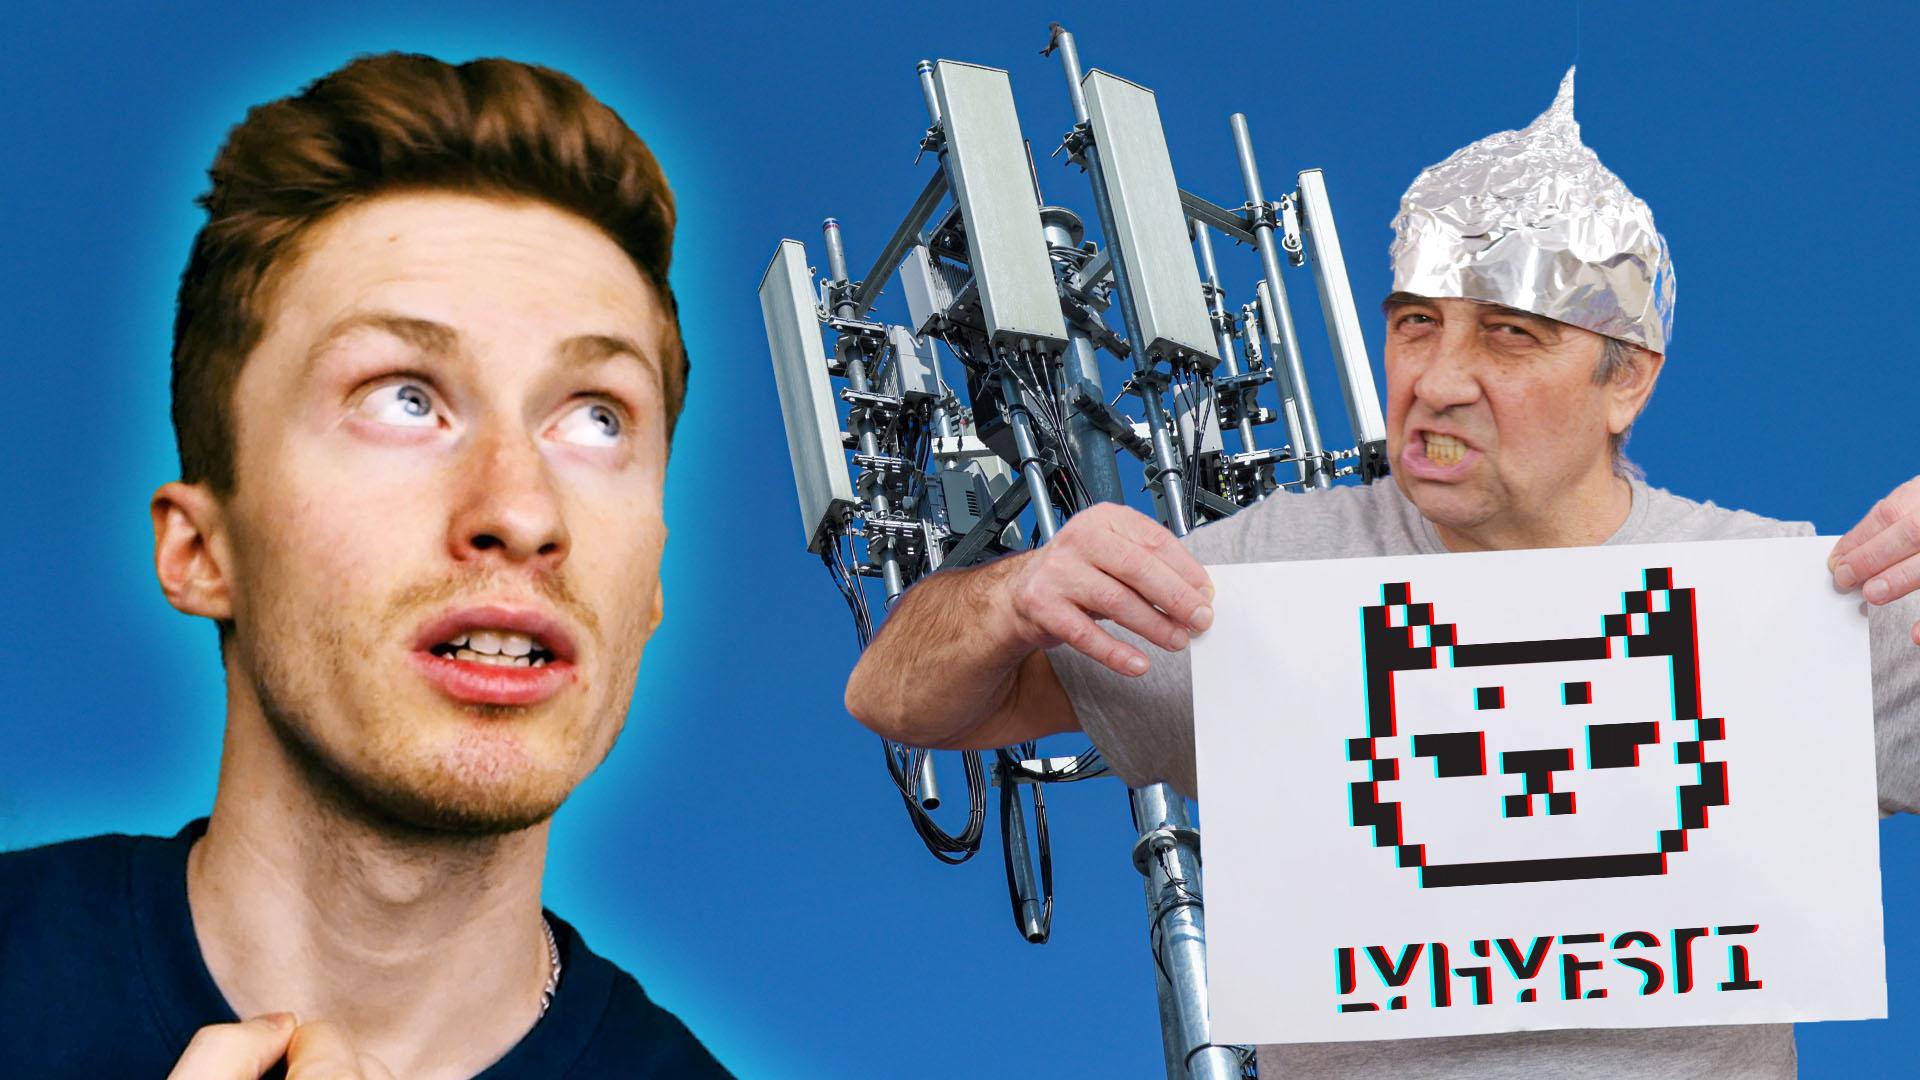 Tämä sun pitää tietää 5G-vallankumouksesta